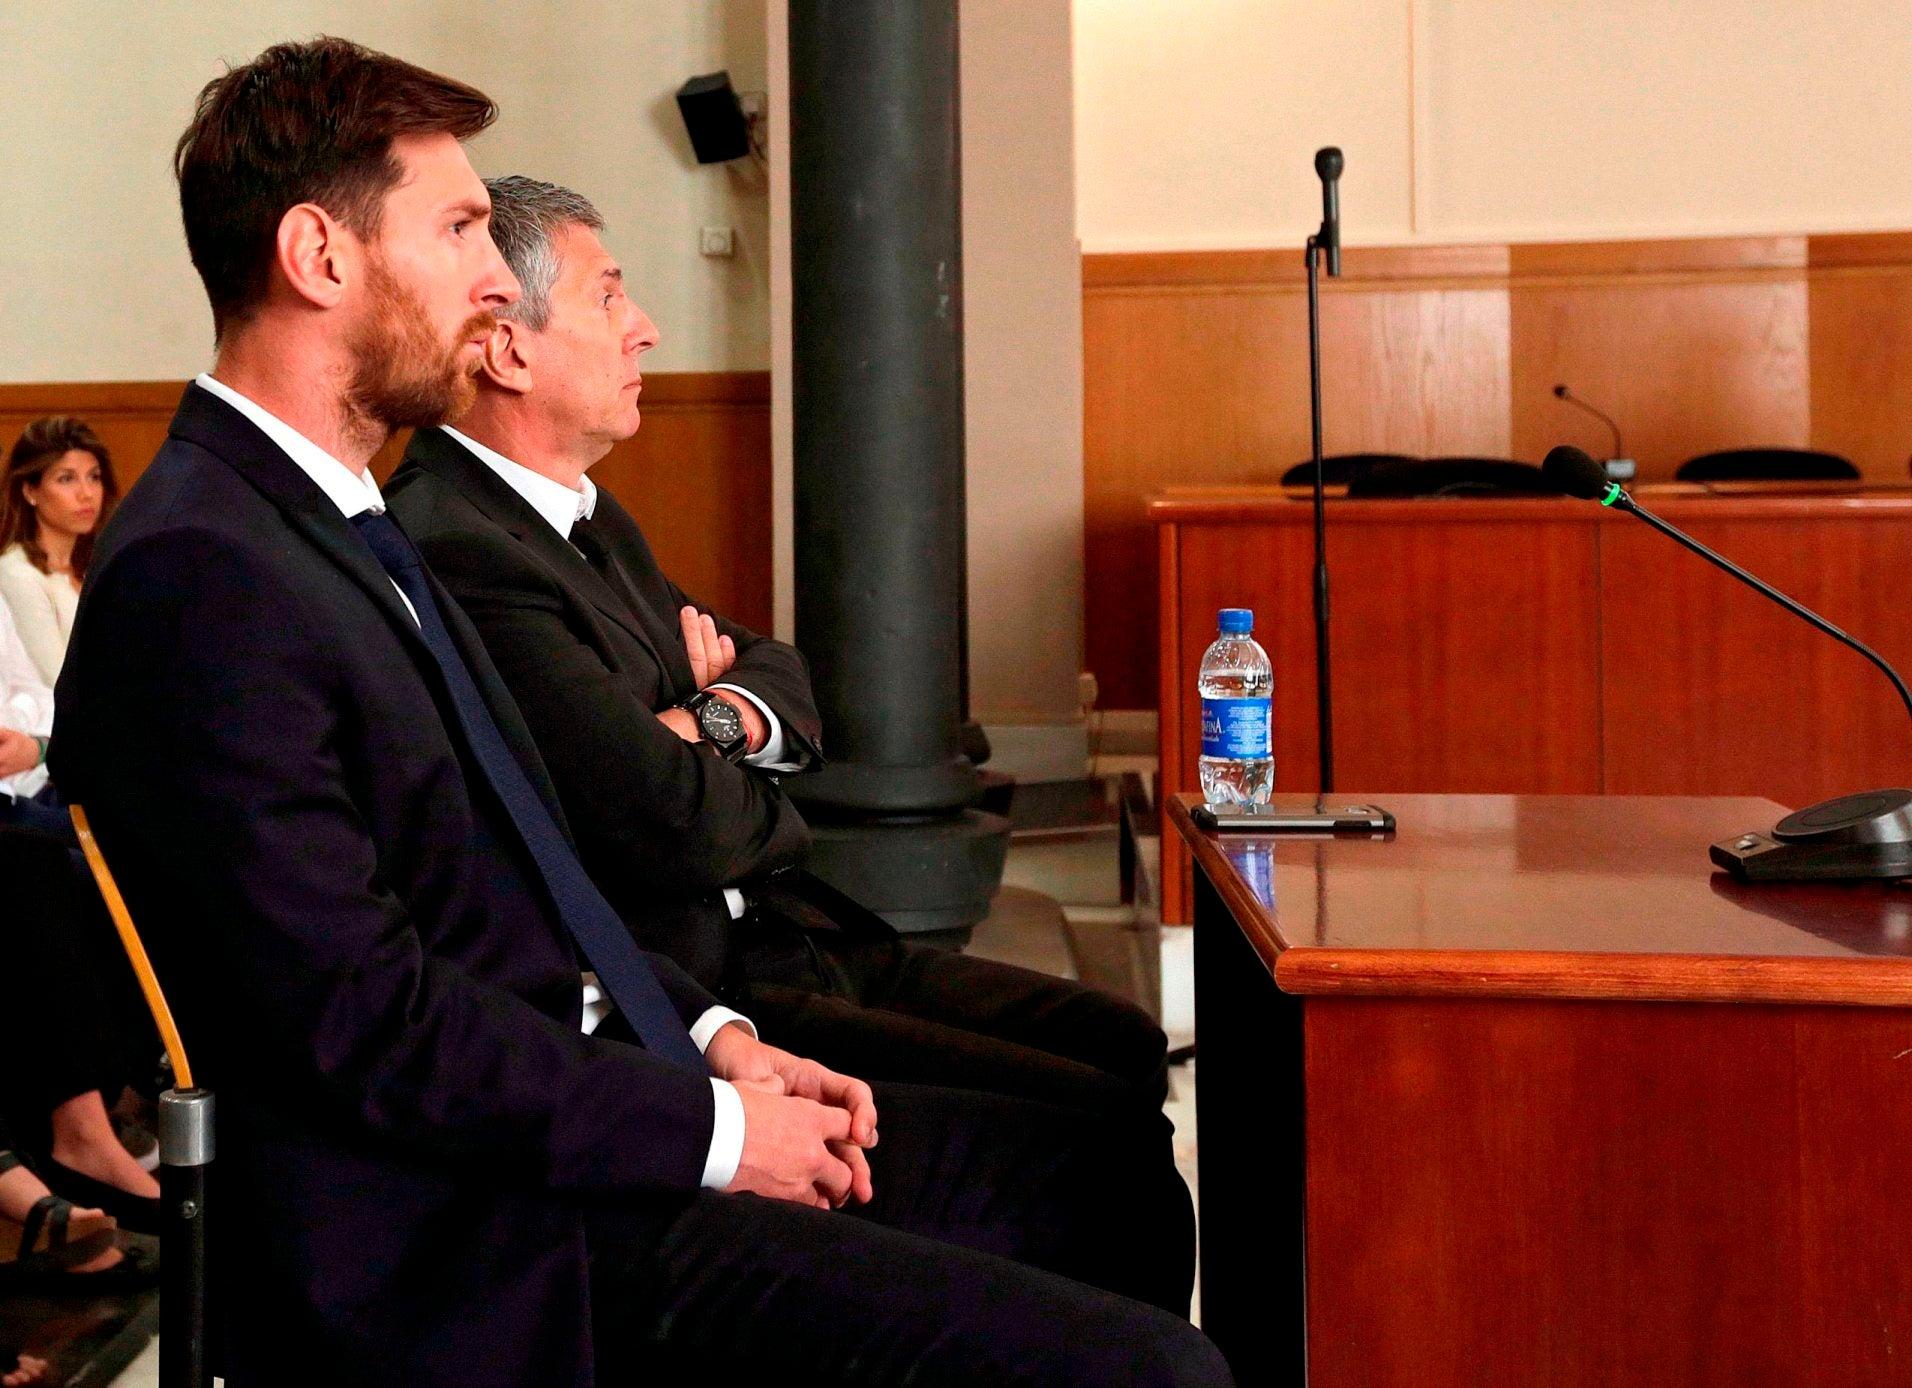 Tribunal da Espanha confirma condenação de Messi por fraude